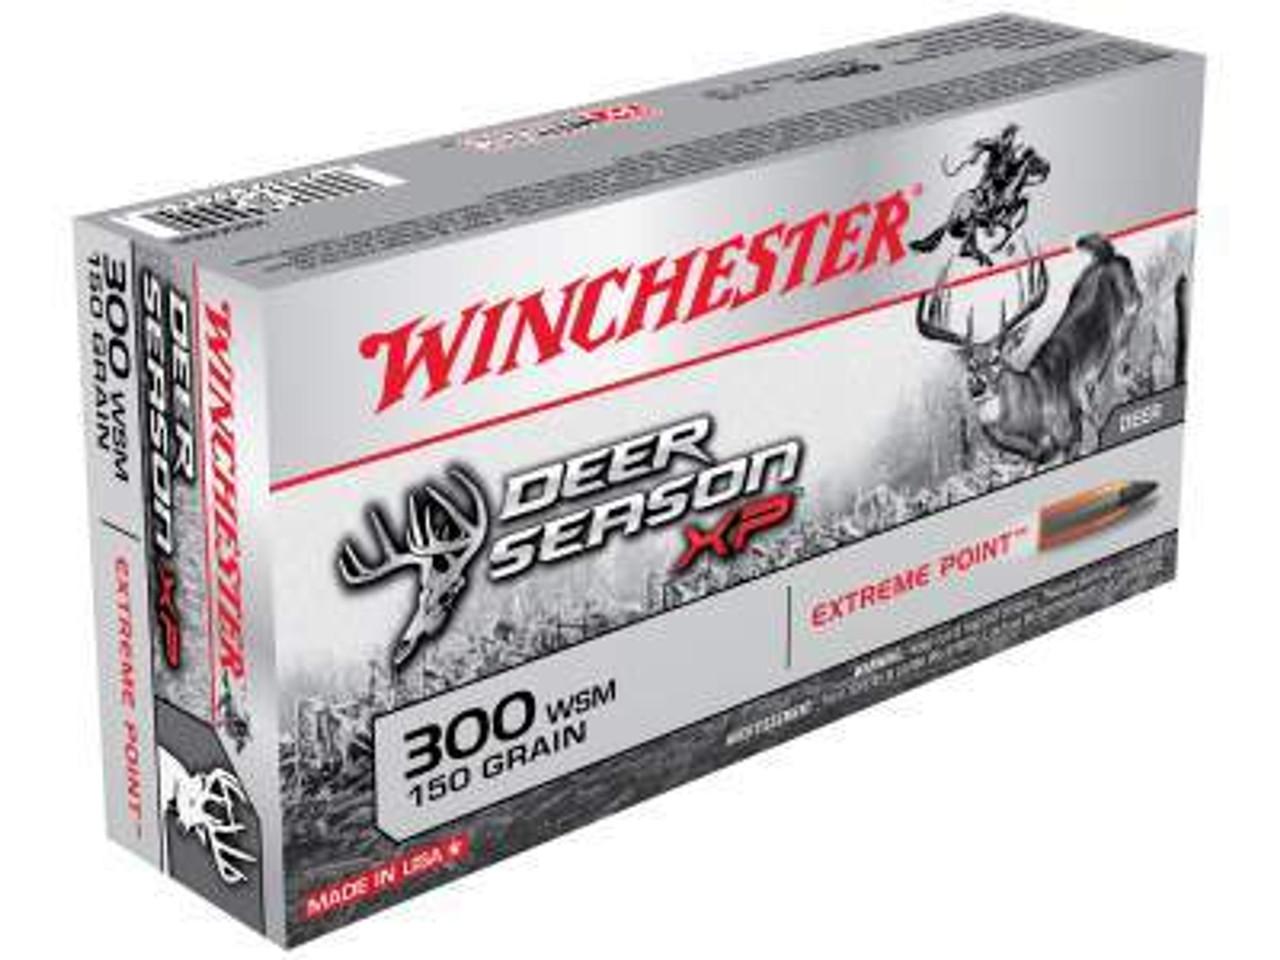 300 WSM Ammo